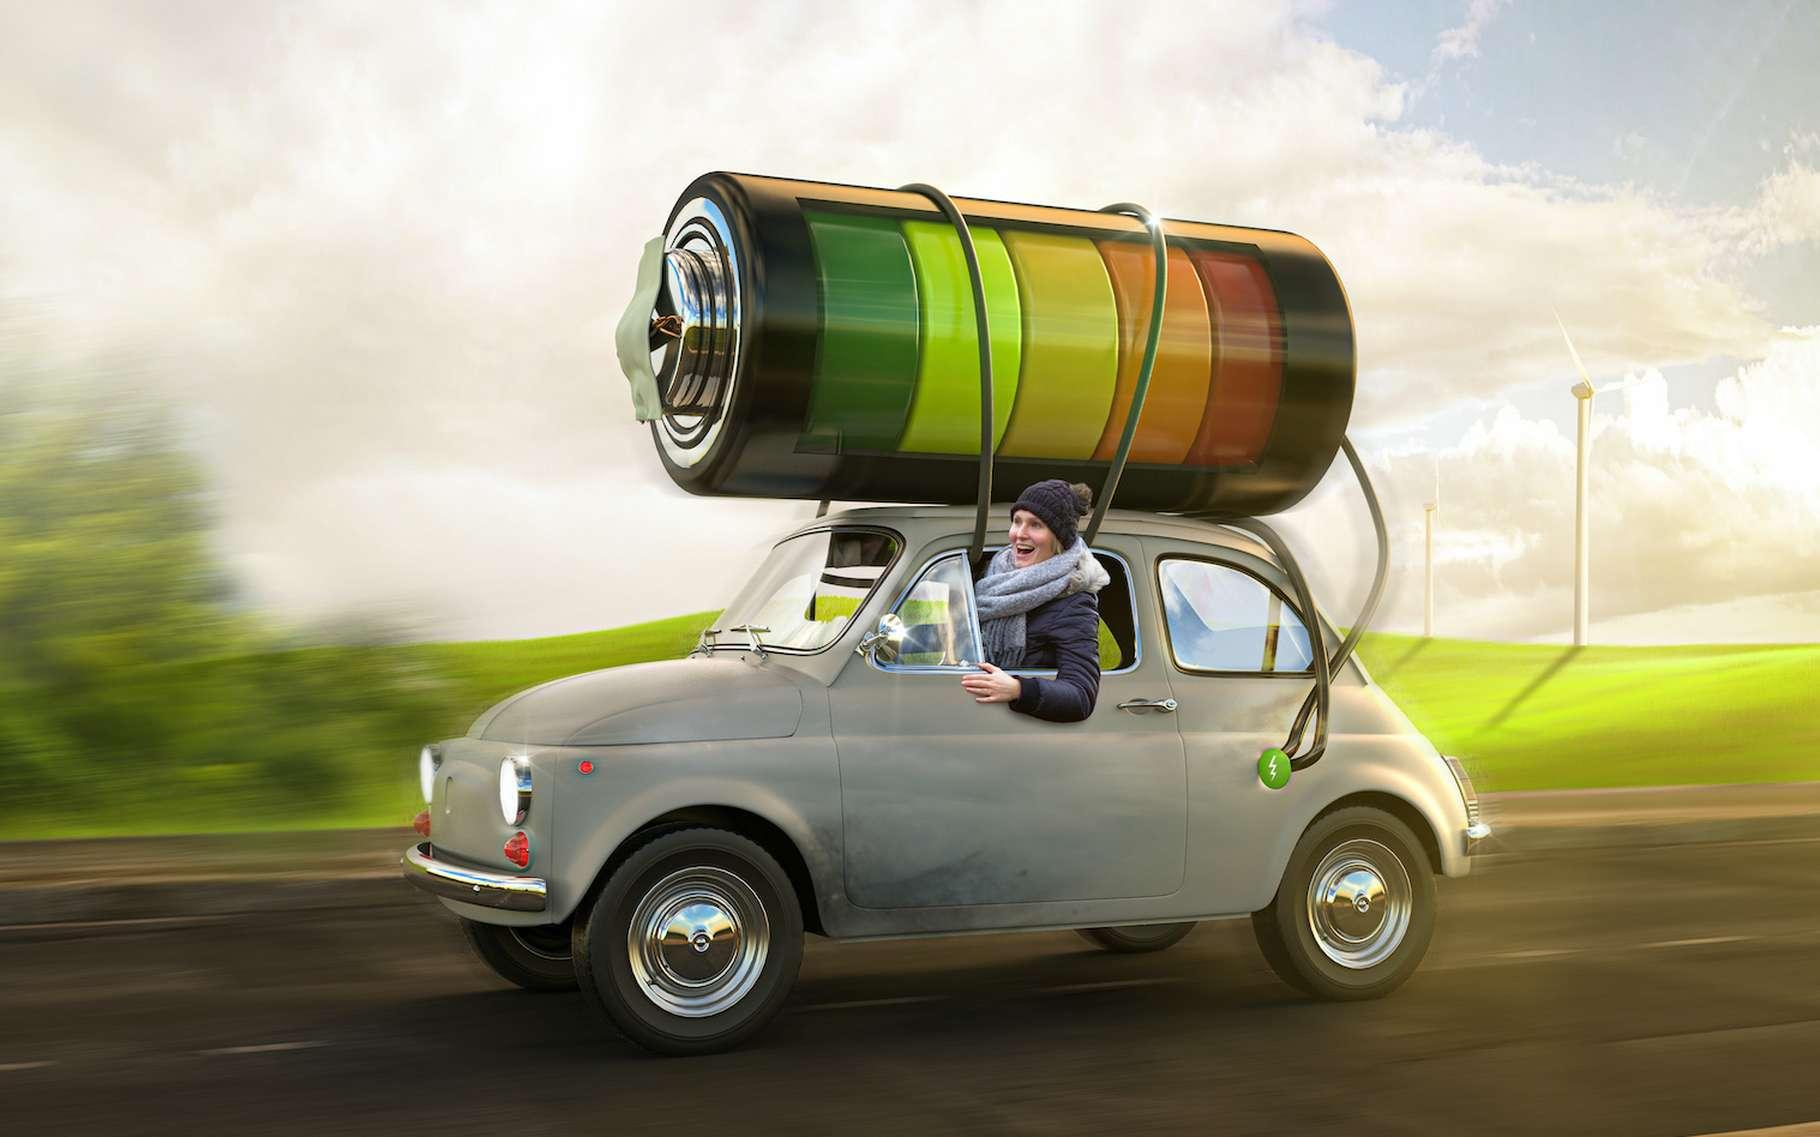 L'application « Mon Test Voiture Électrique » vous aide à choisir la voiture électrique la mieux adaptée à vos usages. Vous pouvez en faire l'expérience en participant au co-bêta test en cours sur la plateforme EDF Pulse & You. © Mediaparts, Adobe Stock